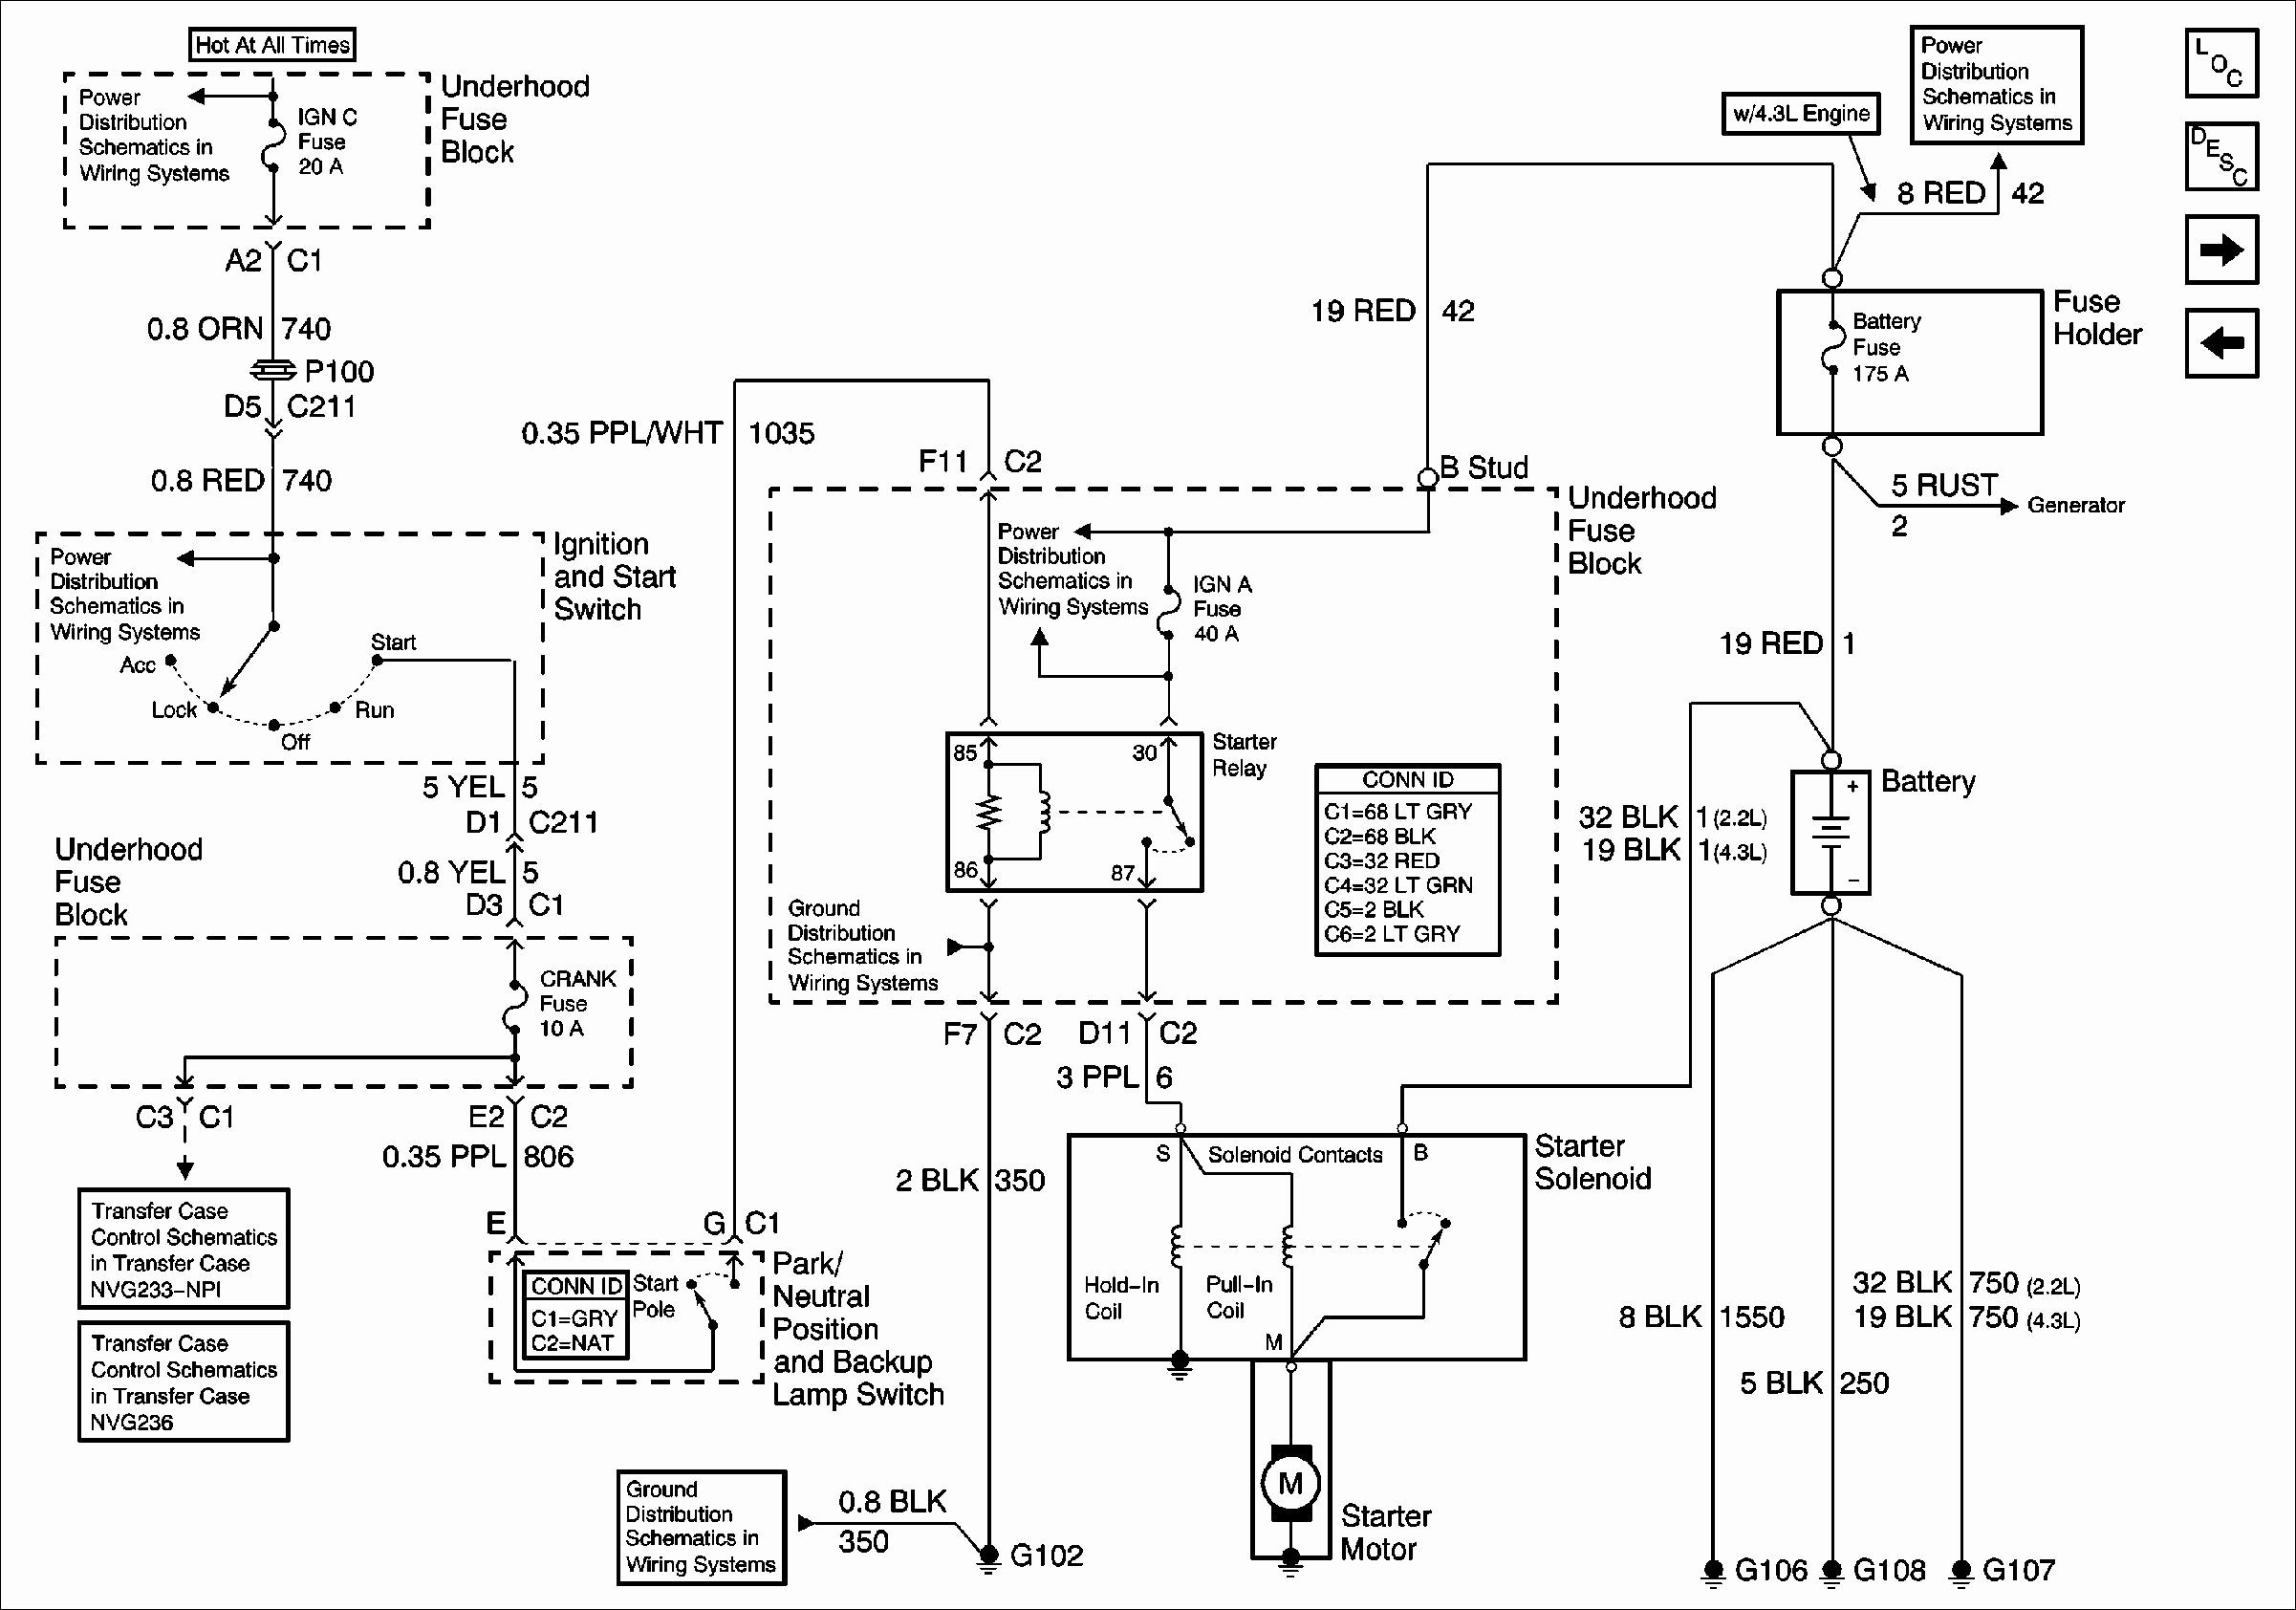 BW_3765] 2005 Chevy Trailblazer Wiring Schematic Schematic WiringEmbo Adit Ologi Lave Synk Cette Mohammedshrine Librar Wiring 101